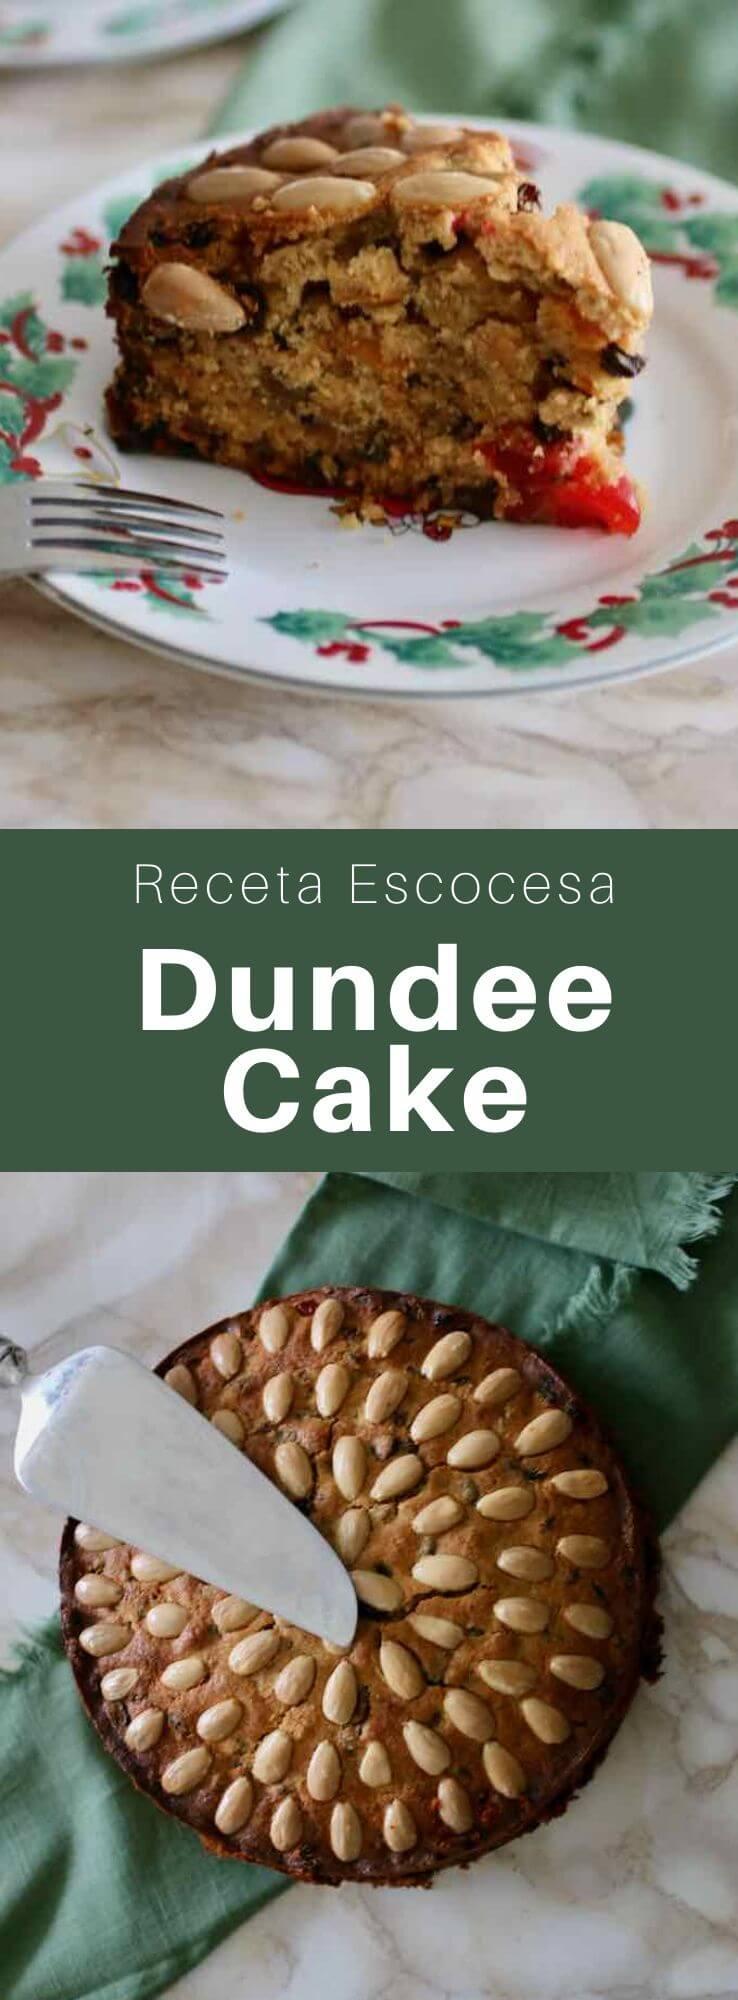 El Dundee cake es un pastel tradicional escocés, popular en todo el Reino Unido, hecho con mermelada de naranja, pasas, frutas confitadas y almendras.